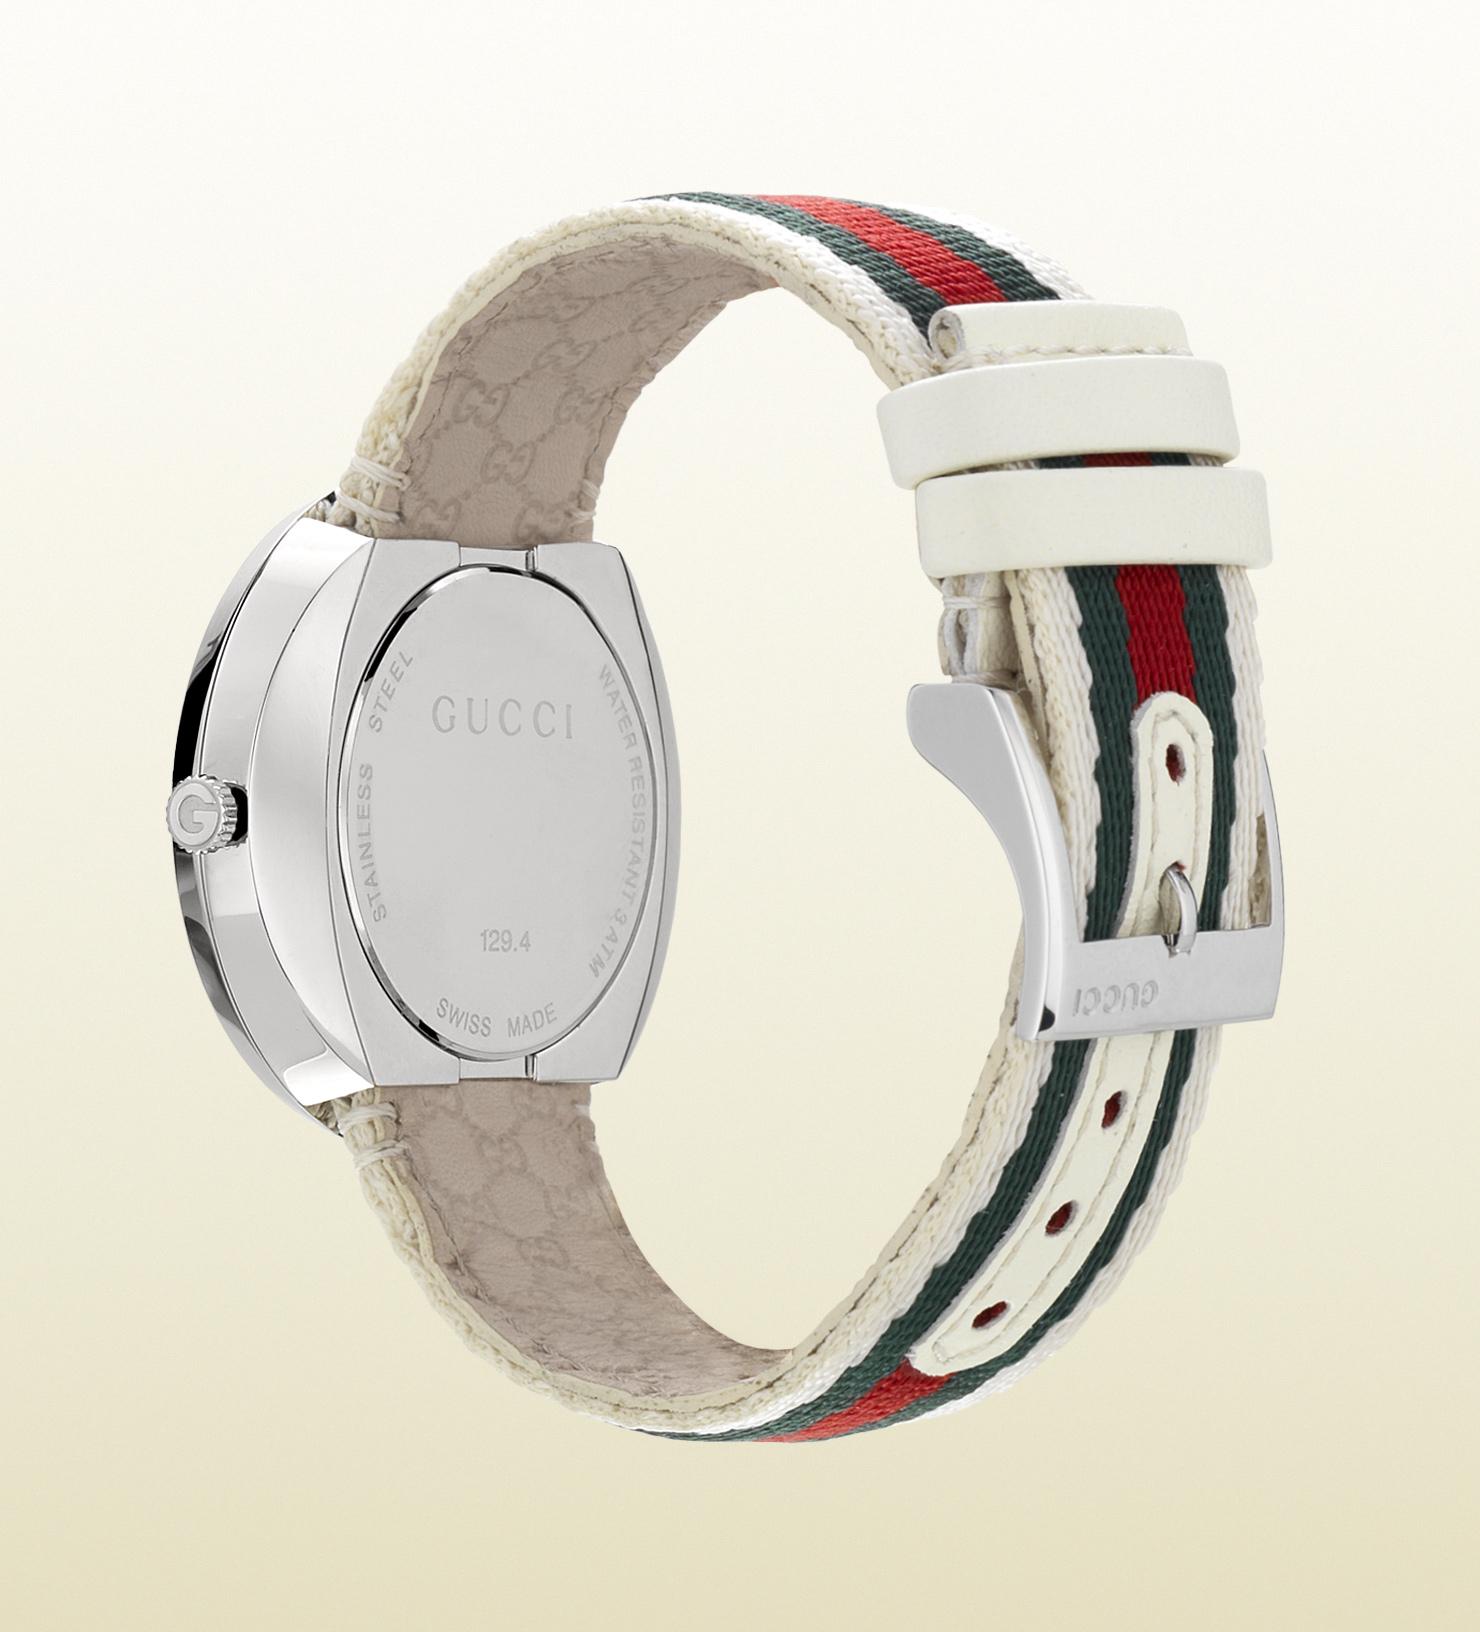 e4d76cf56a7 Lyst - Gucci U-play Medium Web Watch in White